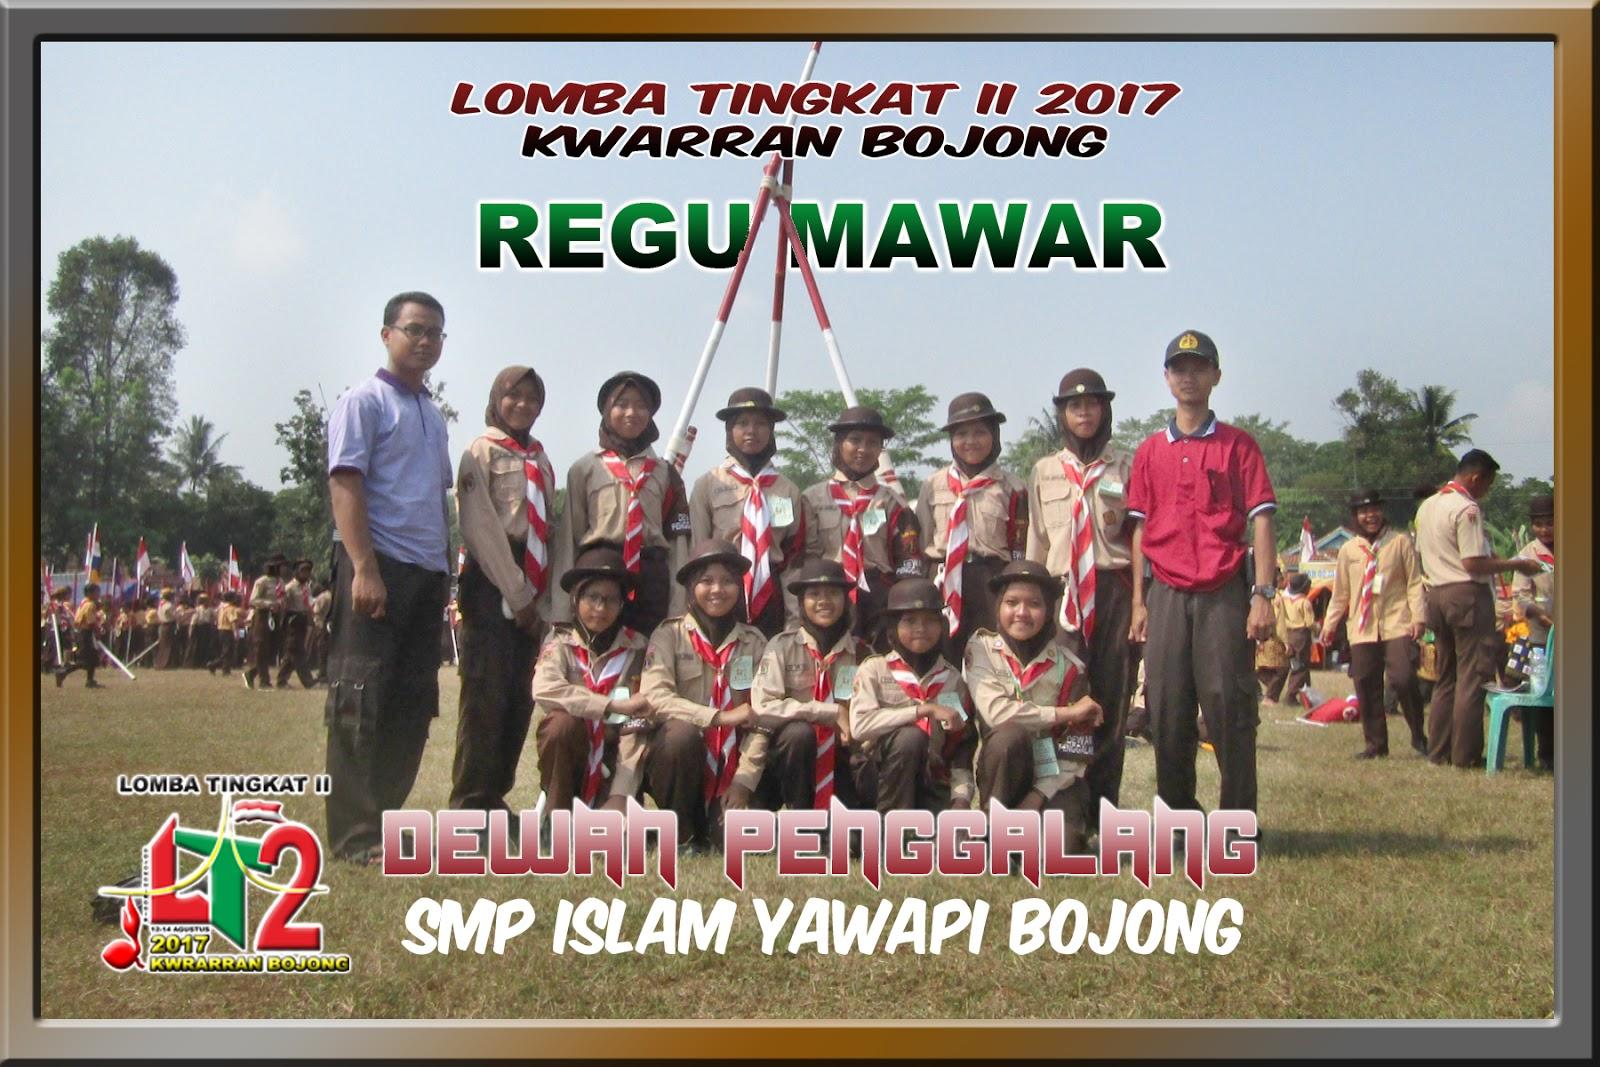 Januari 2018 Dewan Penggalang Smp Islam Yawapi Bojong Aneka Badge Regu Pramuka Tiap Jenis Kegiatan Diambil Tiga Putra Dan Putri Terbaik Sebagai Peraih Tergiat I Ii Iii